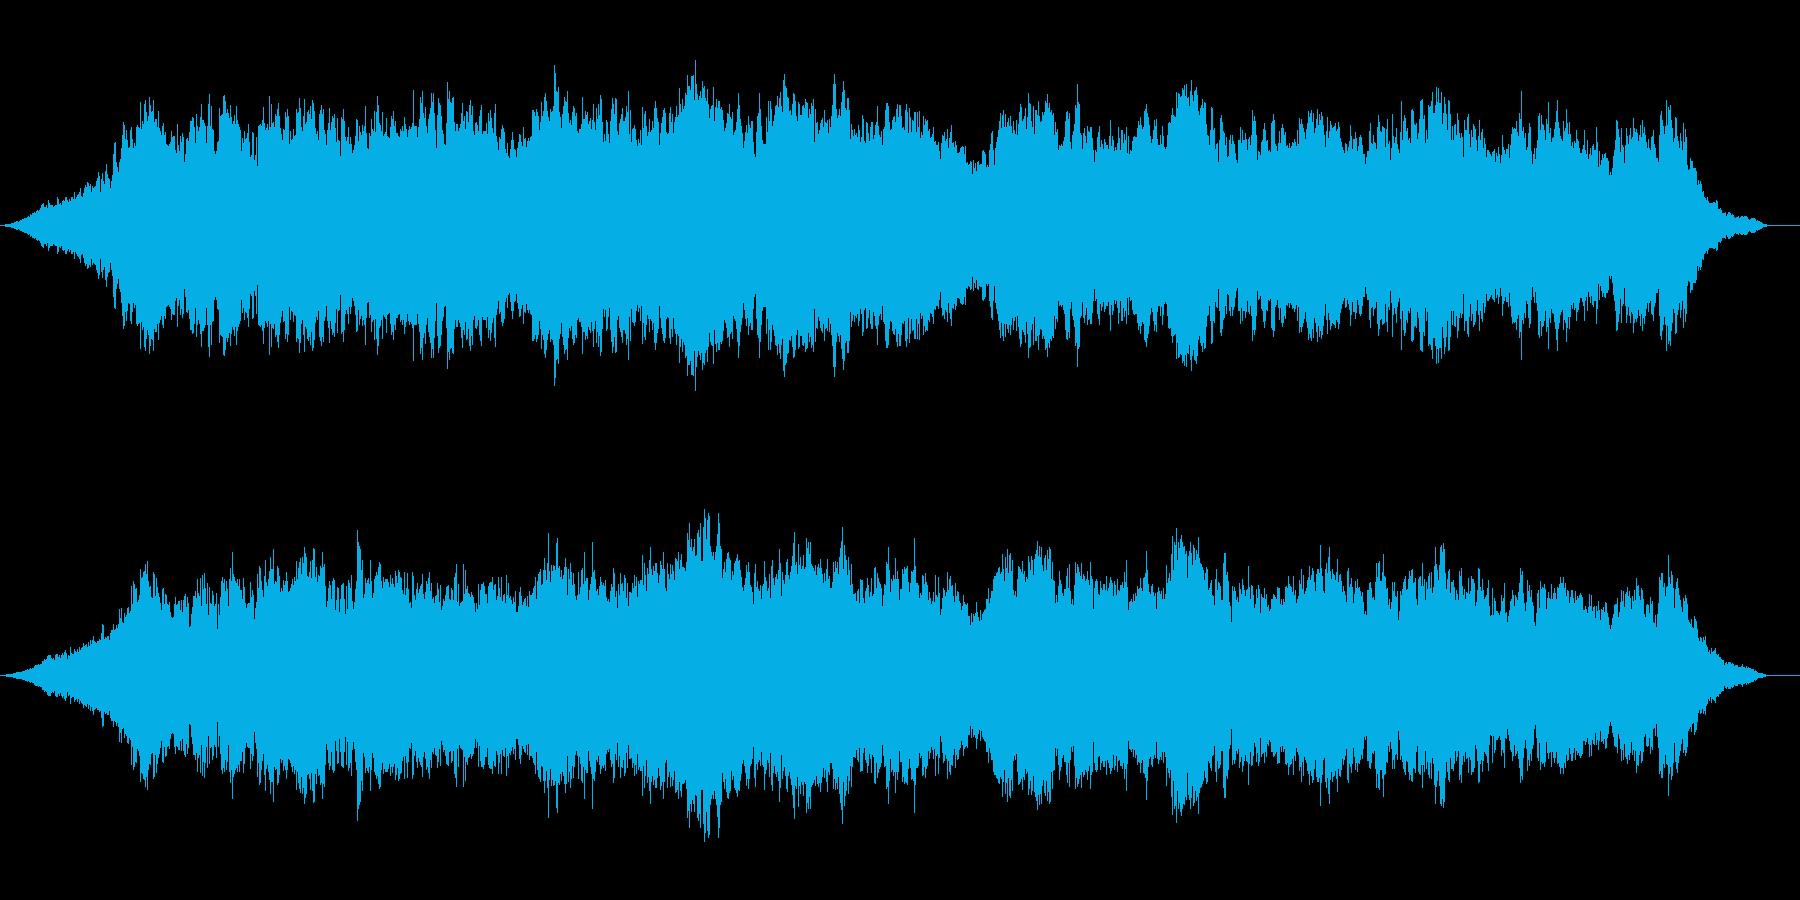 Lo-fi  ドローンアンビエントの再生済みの波形